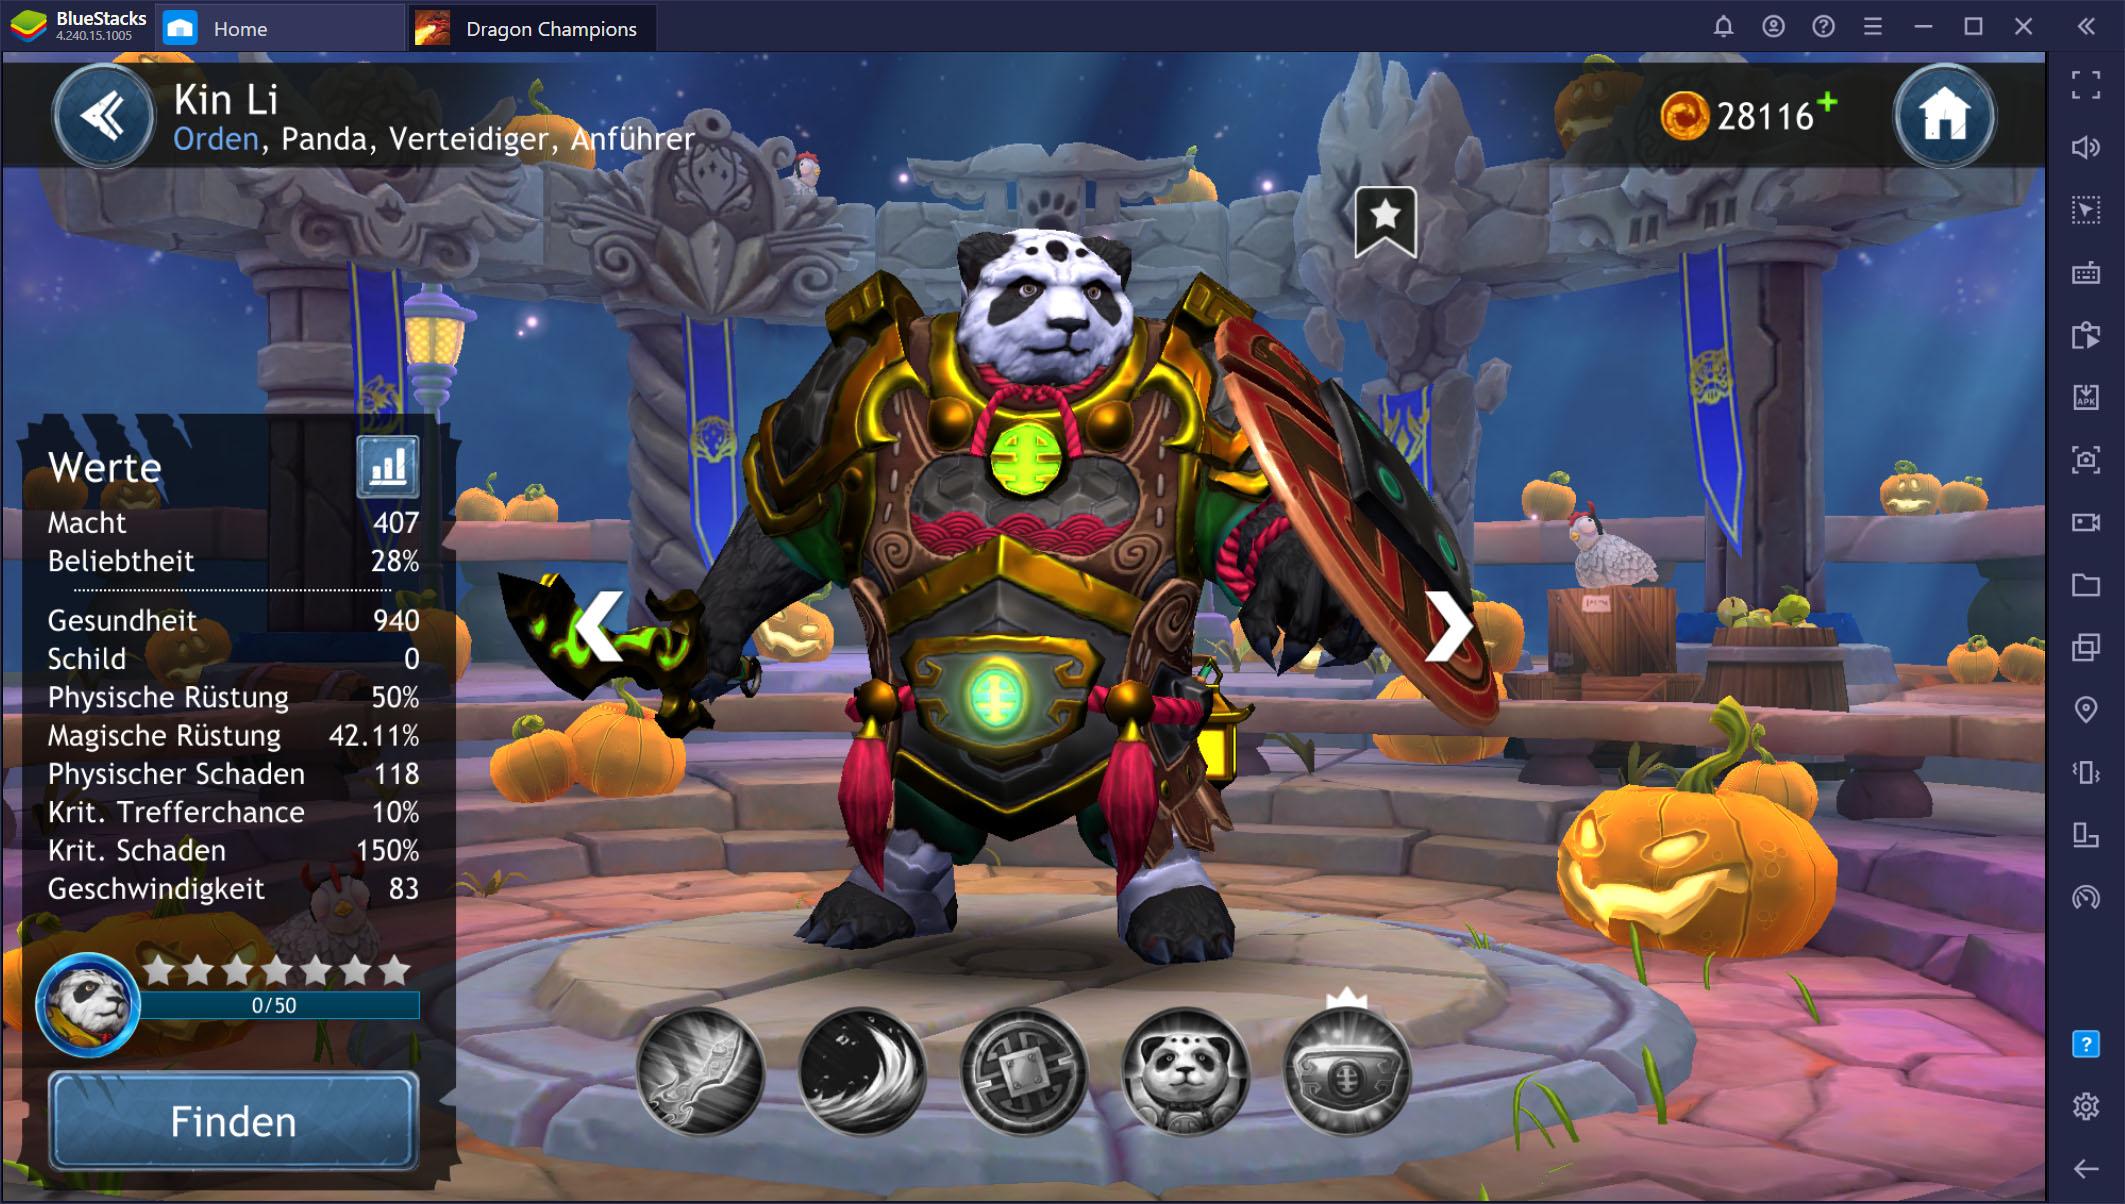 Dragon Champions auf dem PC – Helden-Rangliste: Schalte die besten Charaktere im Spiel frei